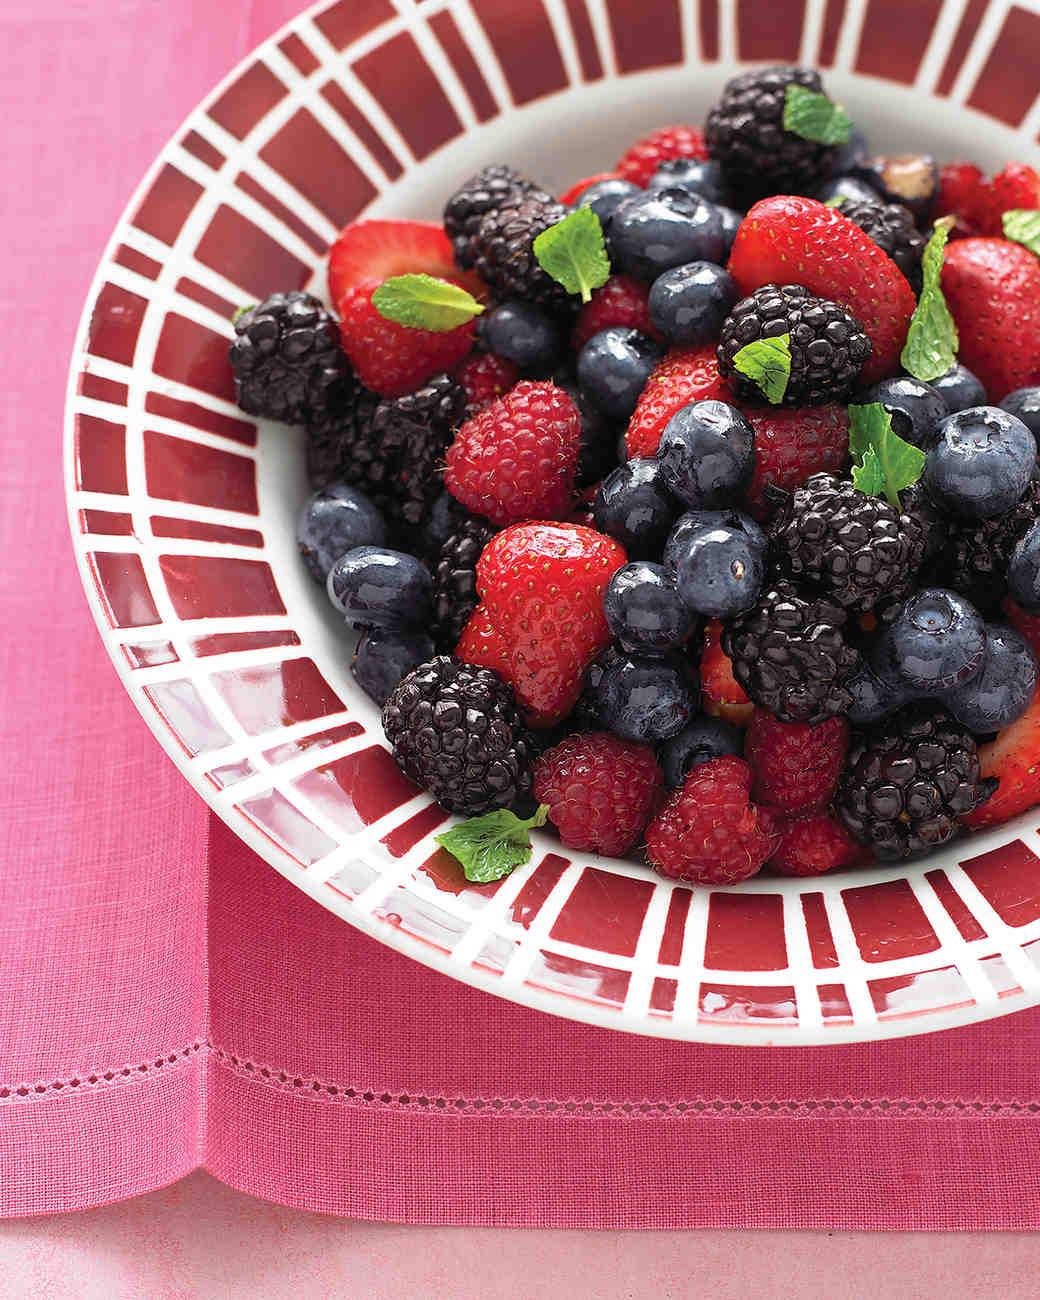 med103901d_0708_berry_salad.jpg